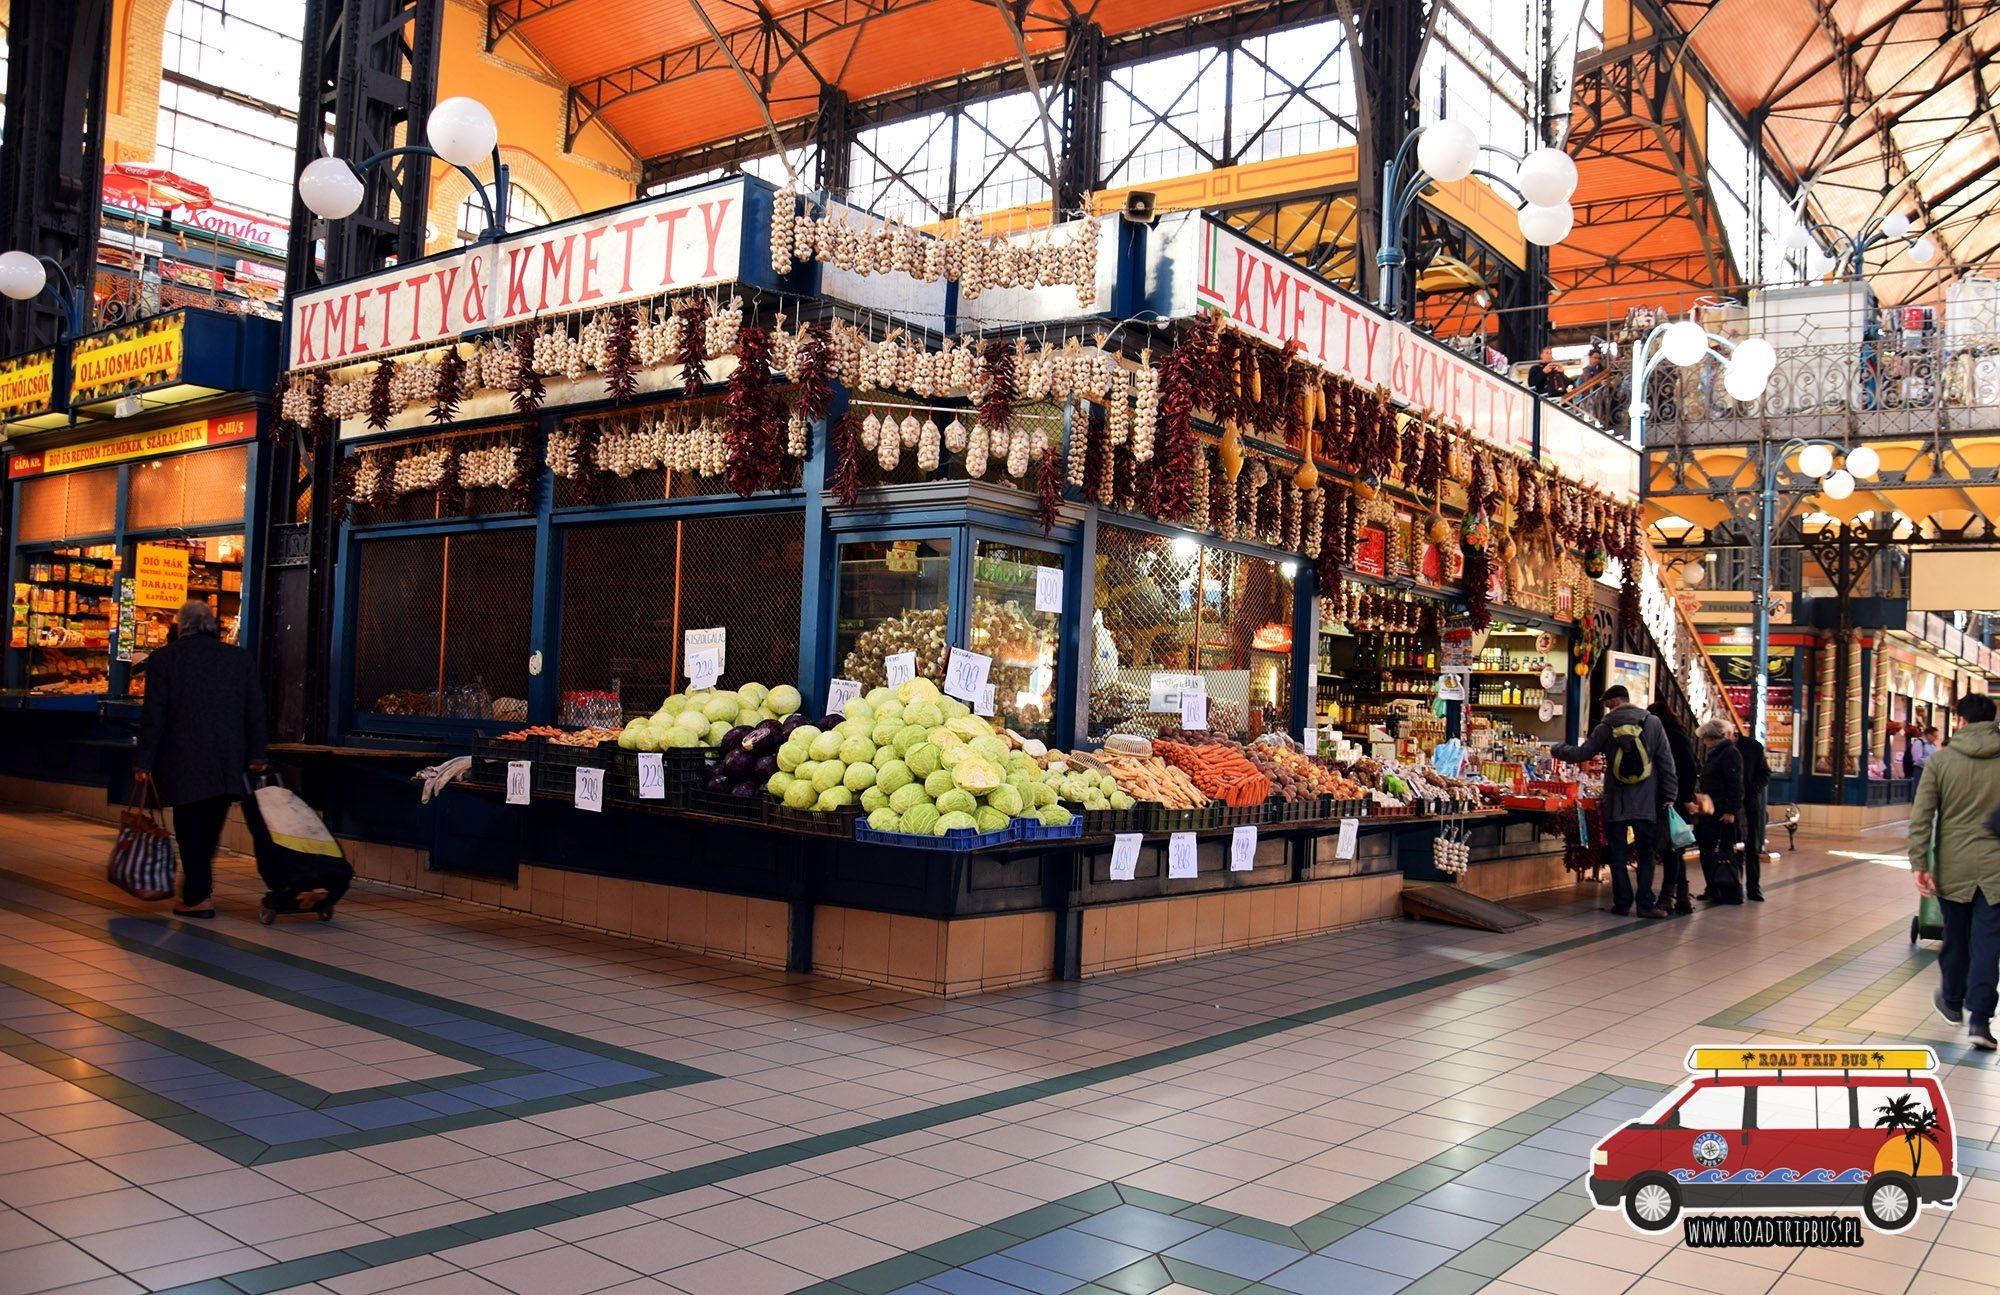 Jedno ze stoisk przy głównej alei Centralnej Hali Targowej w Budapeszcie.